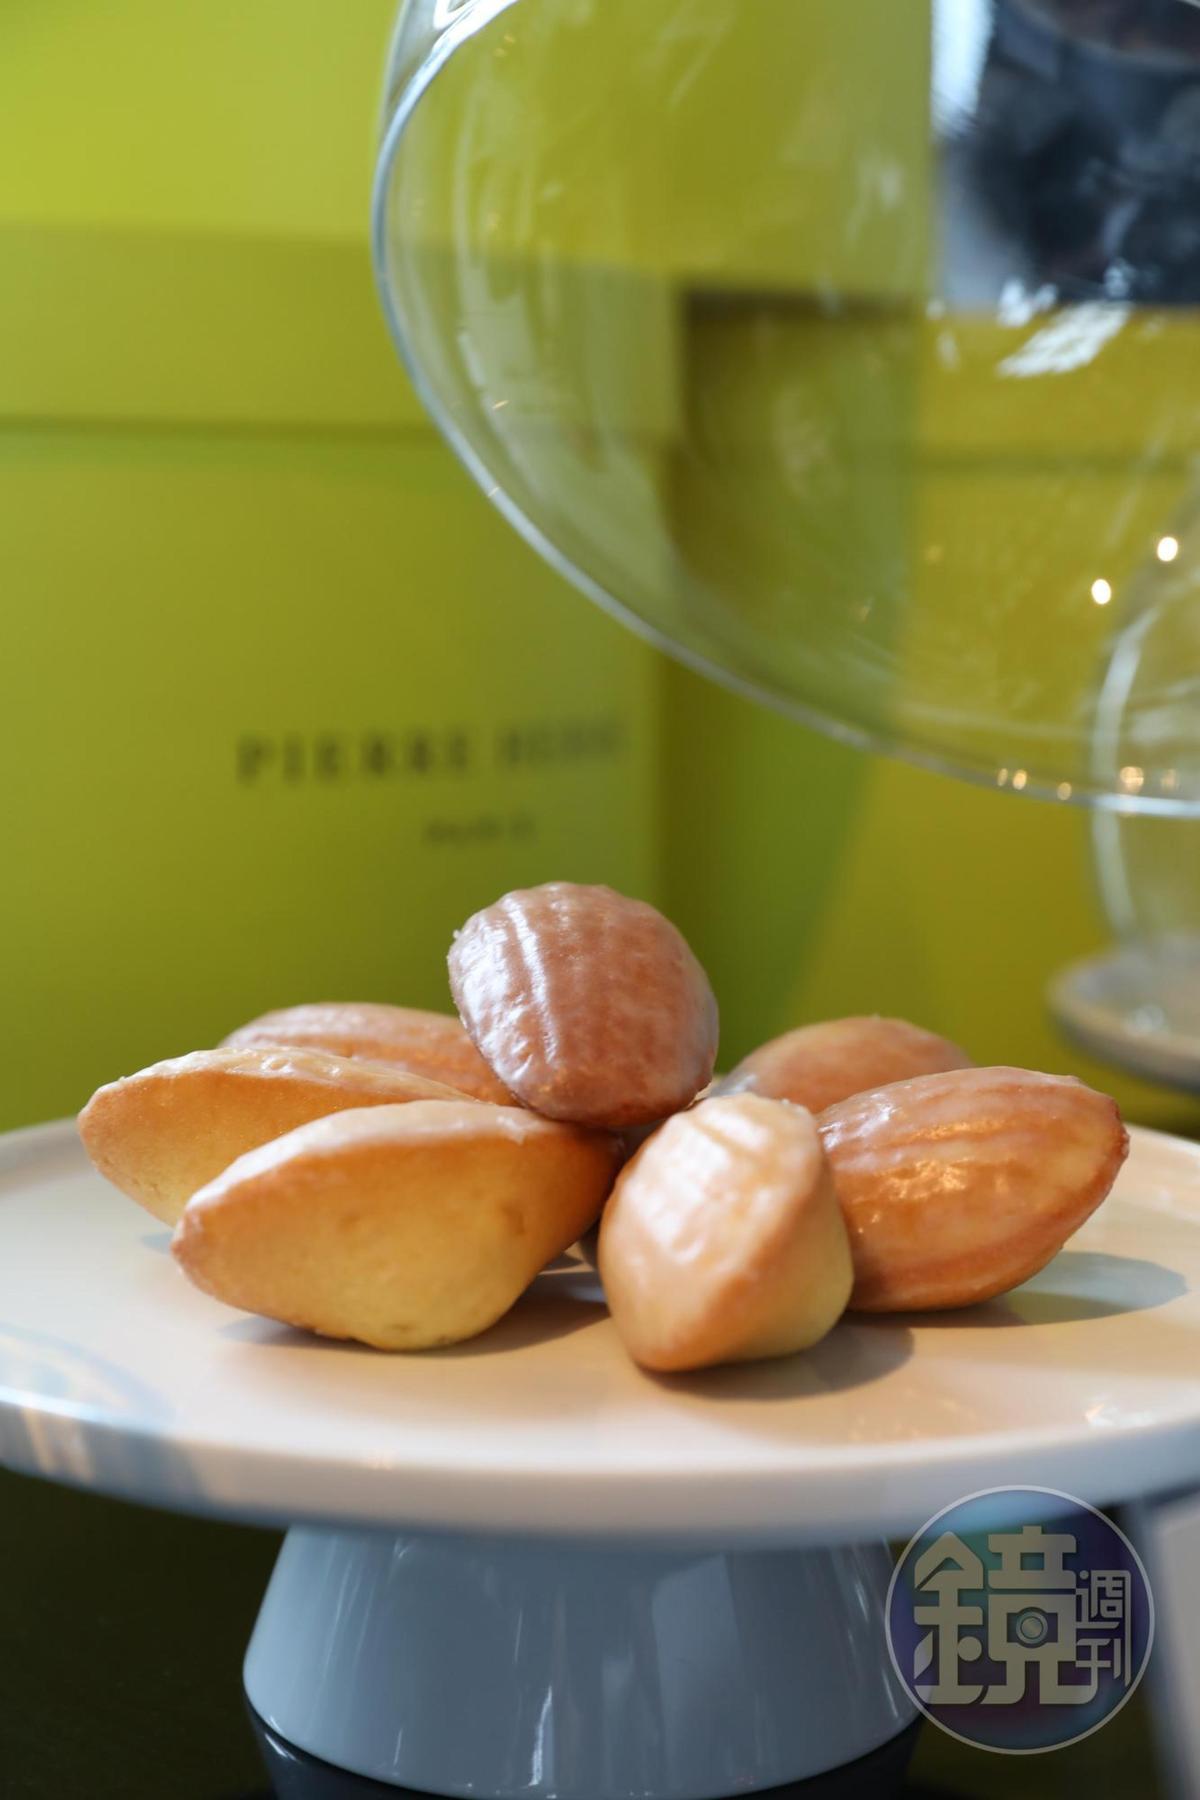 在摩珀斯的VIP Lounge也能嘗到Pierre Hermé拿手的檸檬瑪德蓮。